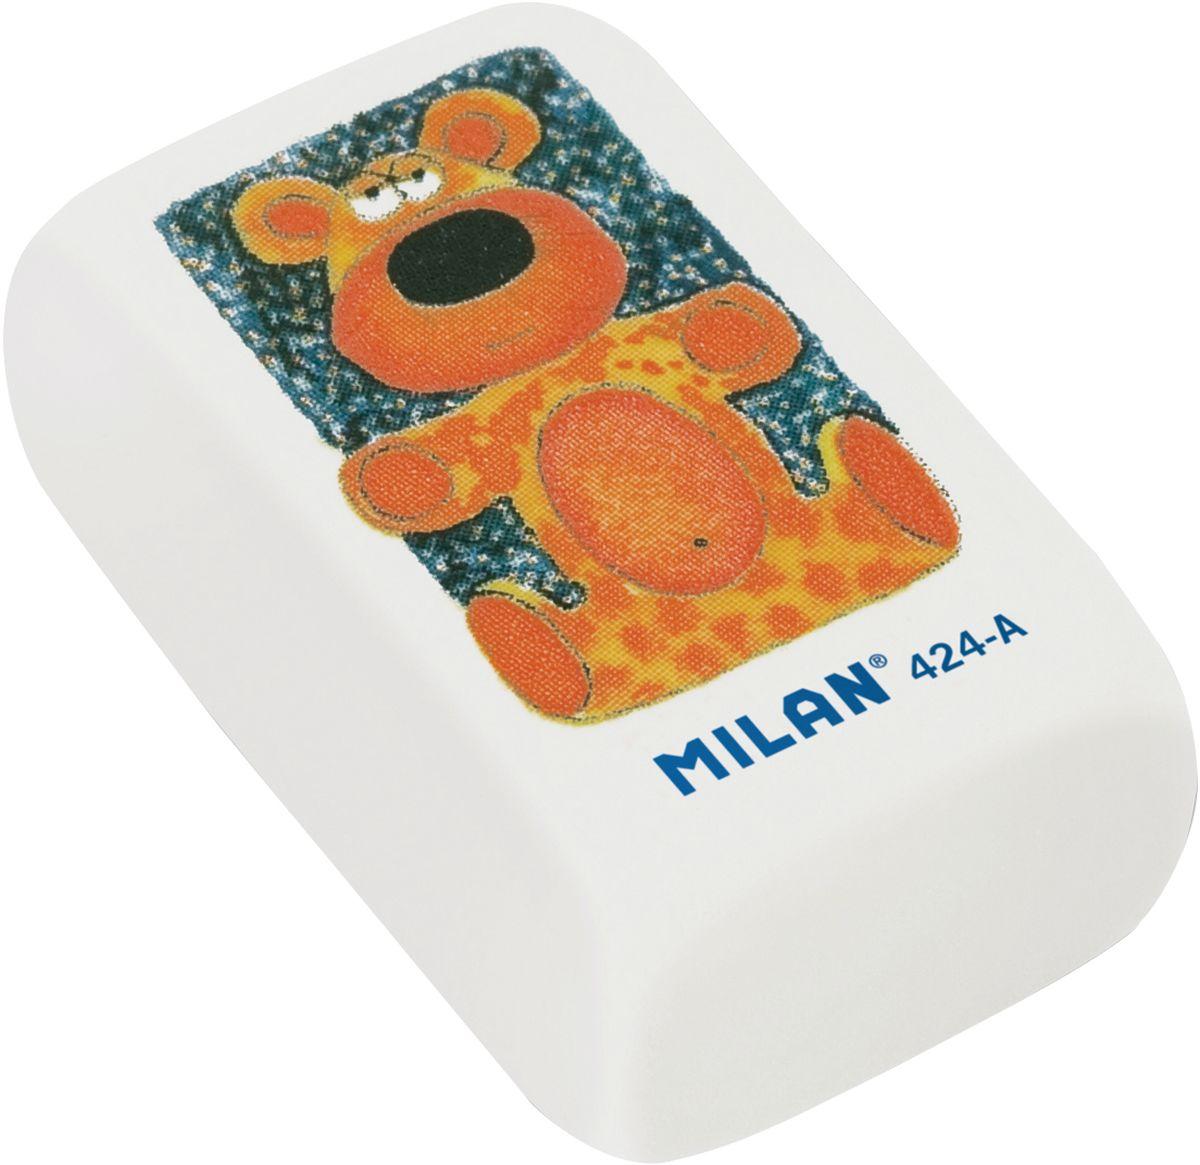 Milan Ластик 424-АCMM424AФирменный дизайн ластика от Milan с изображением веселых анимационных персонажей. Мягкая структура и высокое качество. Великолепное абсорбирующее свойства, бережное отношение к поверхности бумаги. Уважаемые клиенты! Обращаем ваше внимание, что цвет упаковки товара может отличаться.